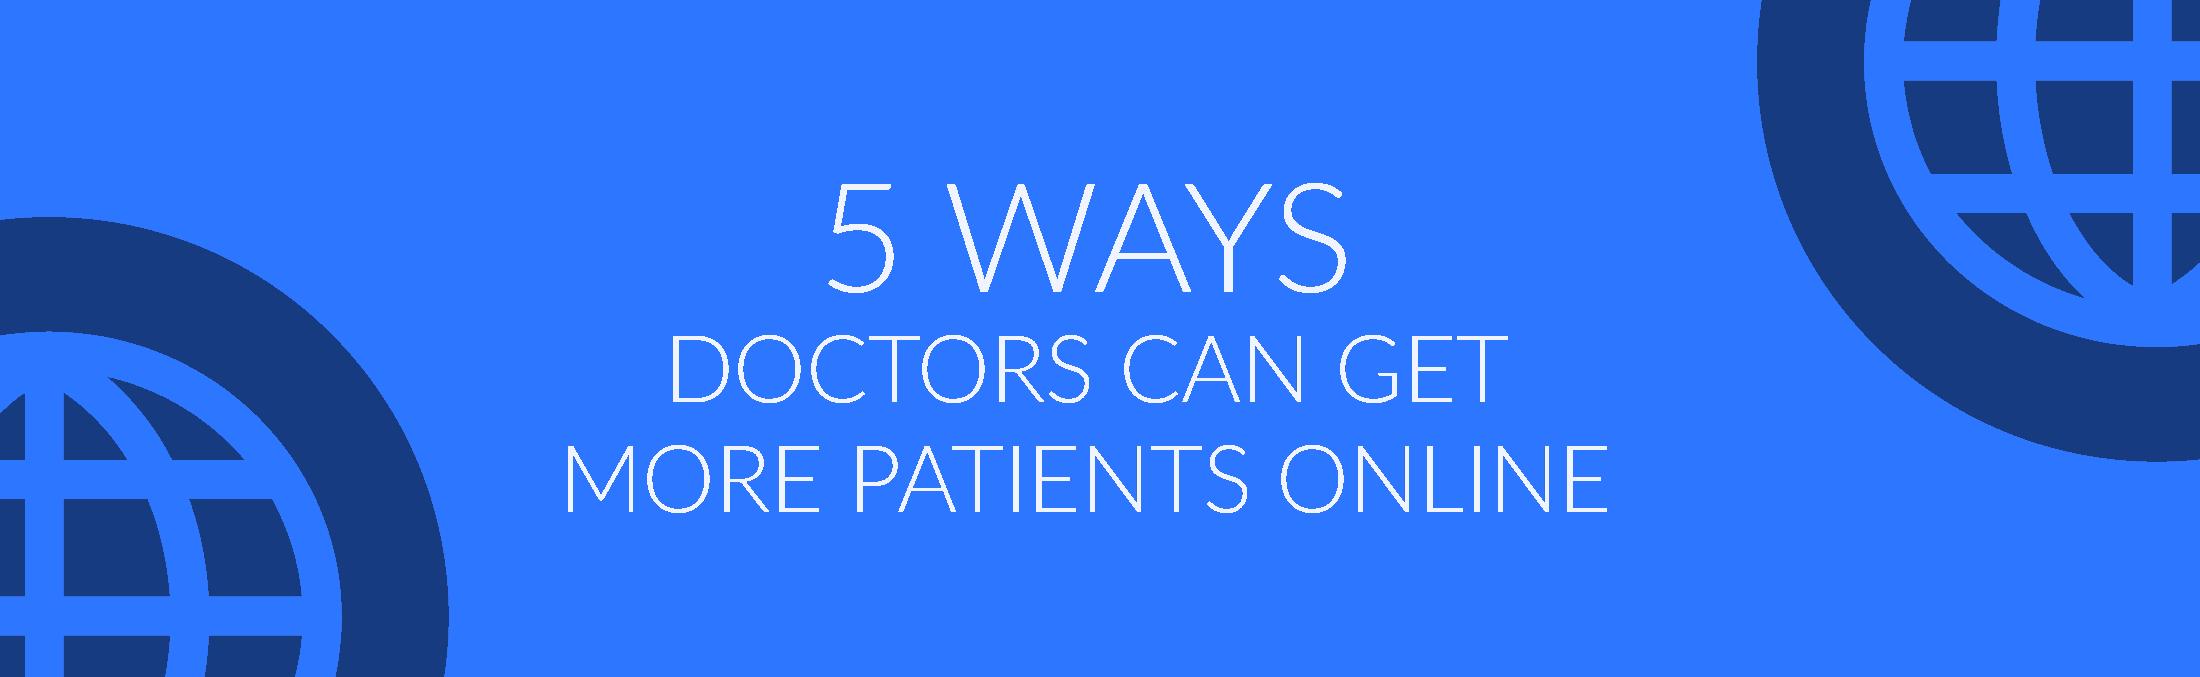 5 Ways doctors can get more patients online